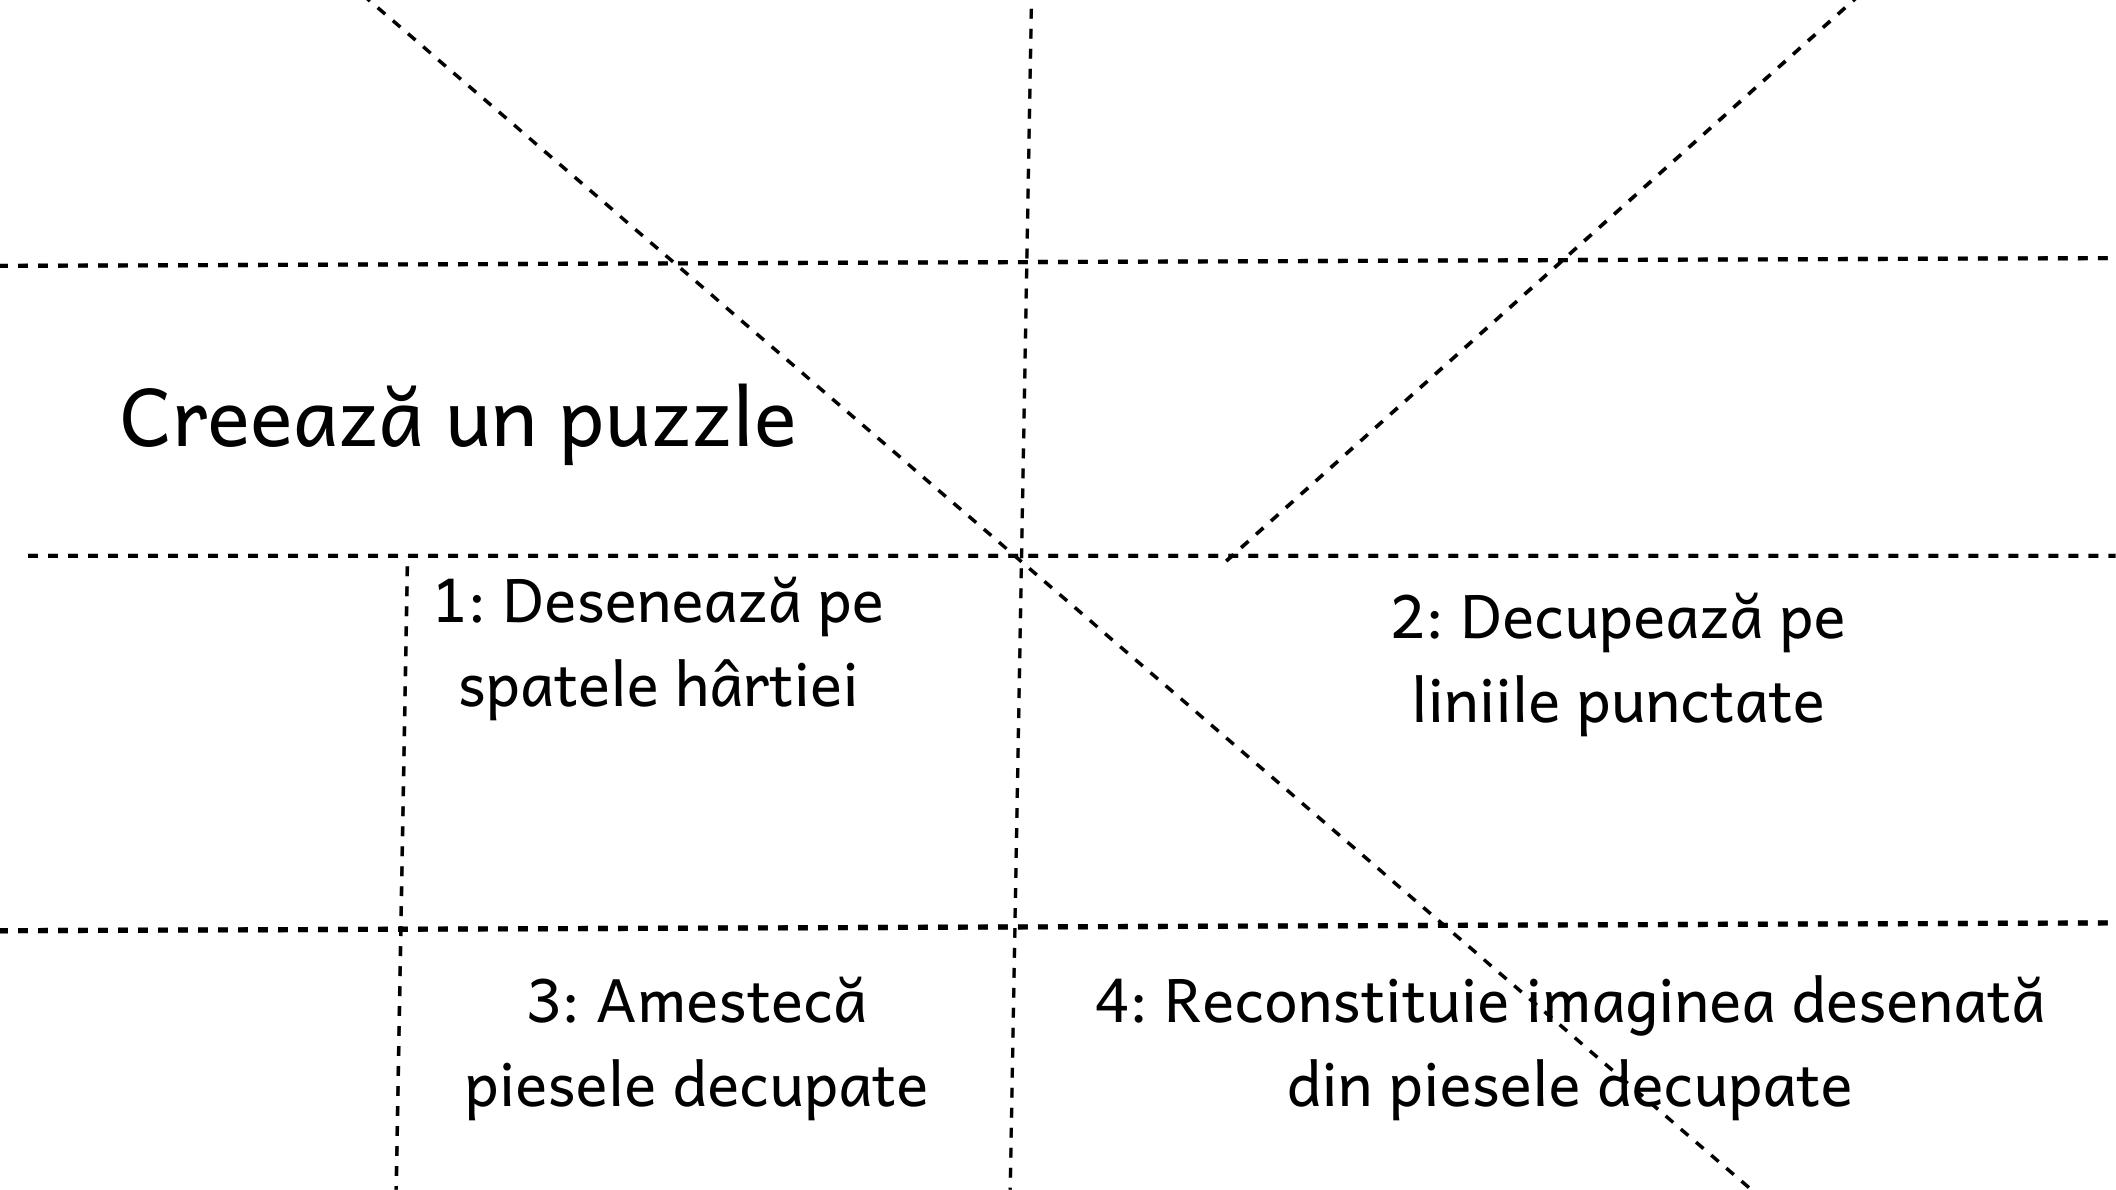 creeaza un puzzle